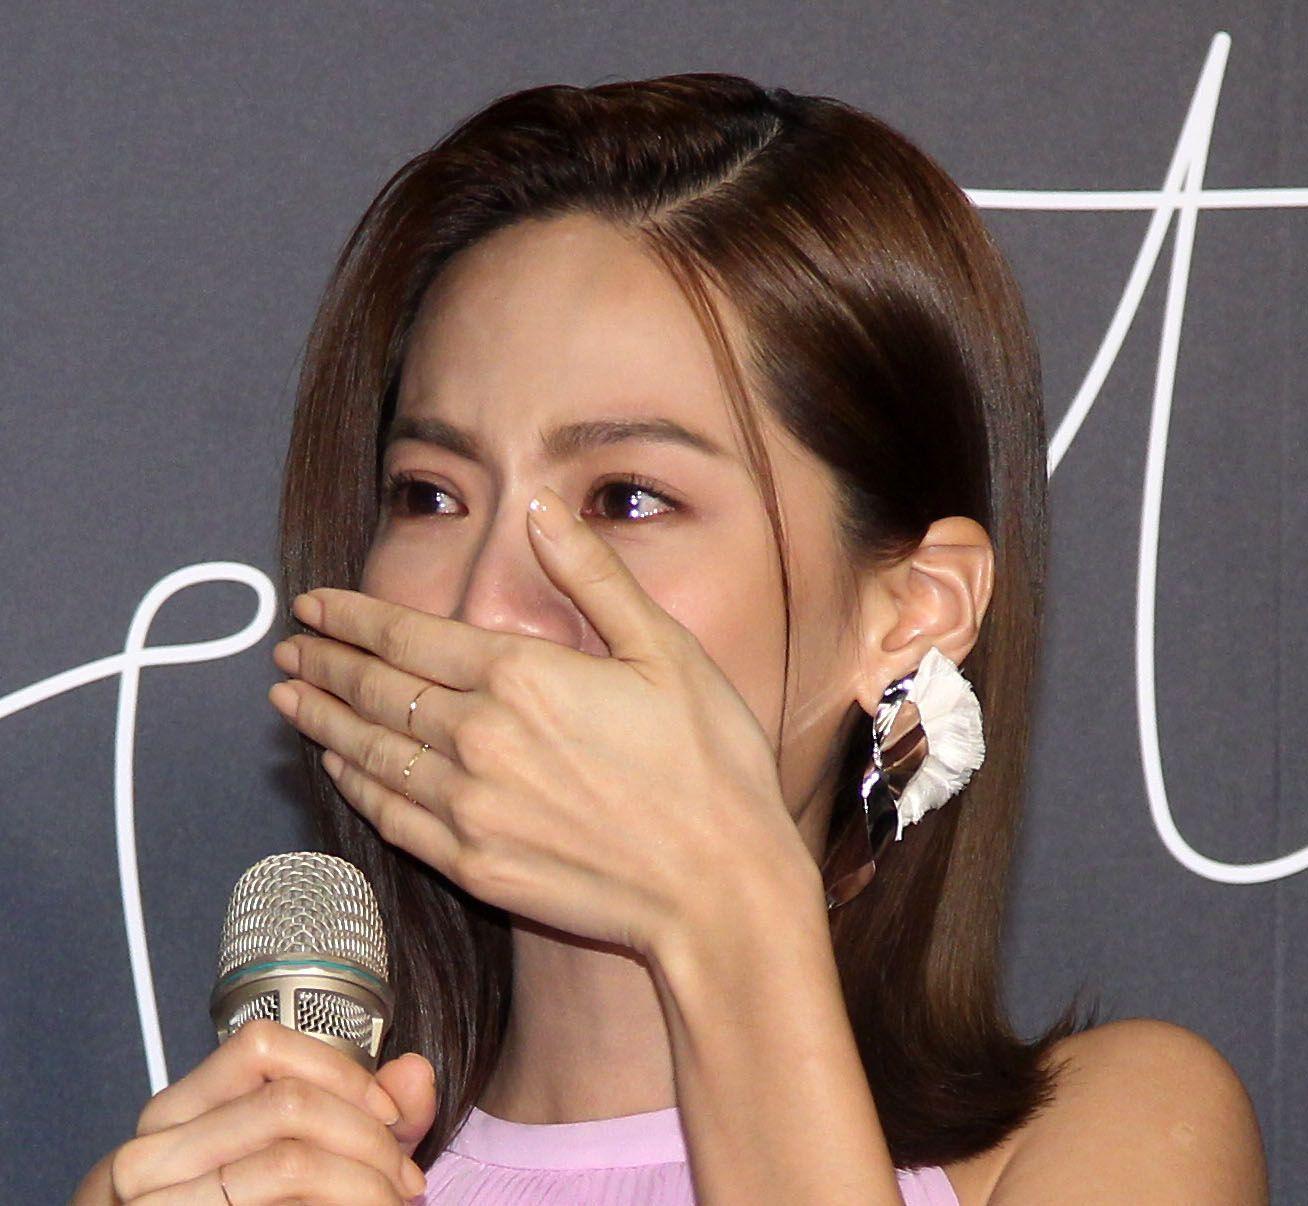 曾之喬再回到歌手身分又發片「亮了」,讓她感動落淚。(記者邱榮吉/攝影)